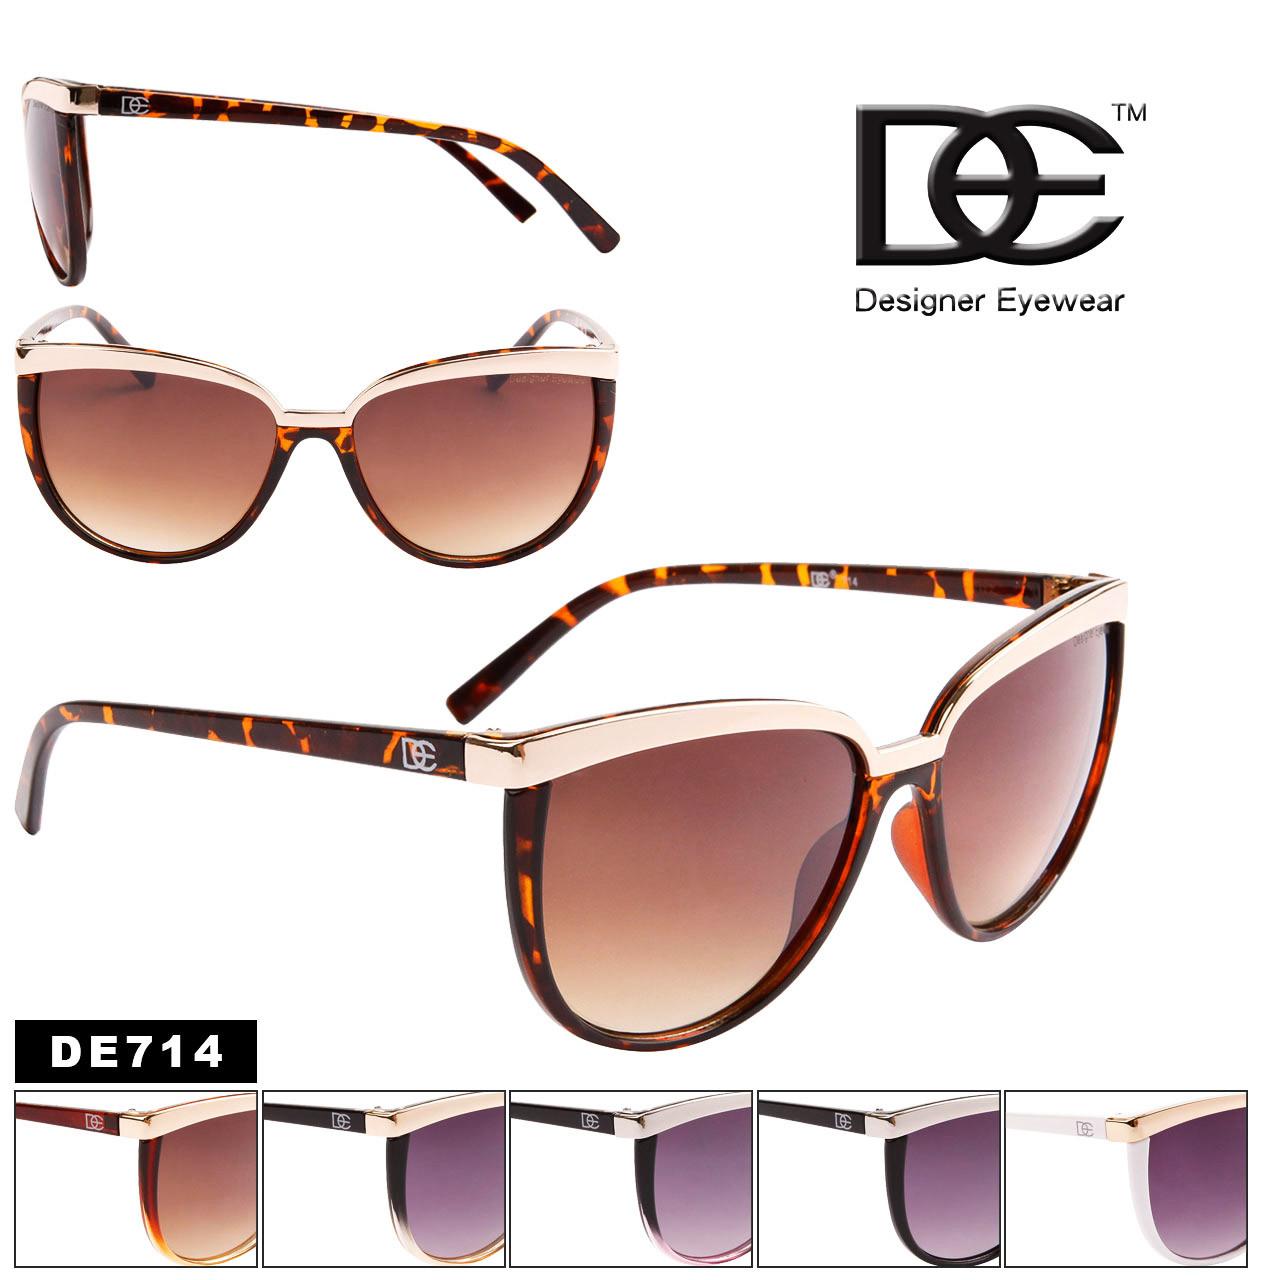 DE™ Wholesale Cat Eye Fashion Sunglasses - Style #DE714 (Assorted Colors) (12 pcs.)